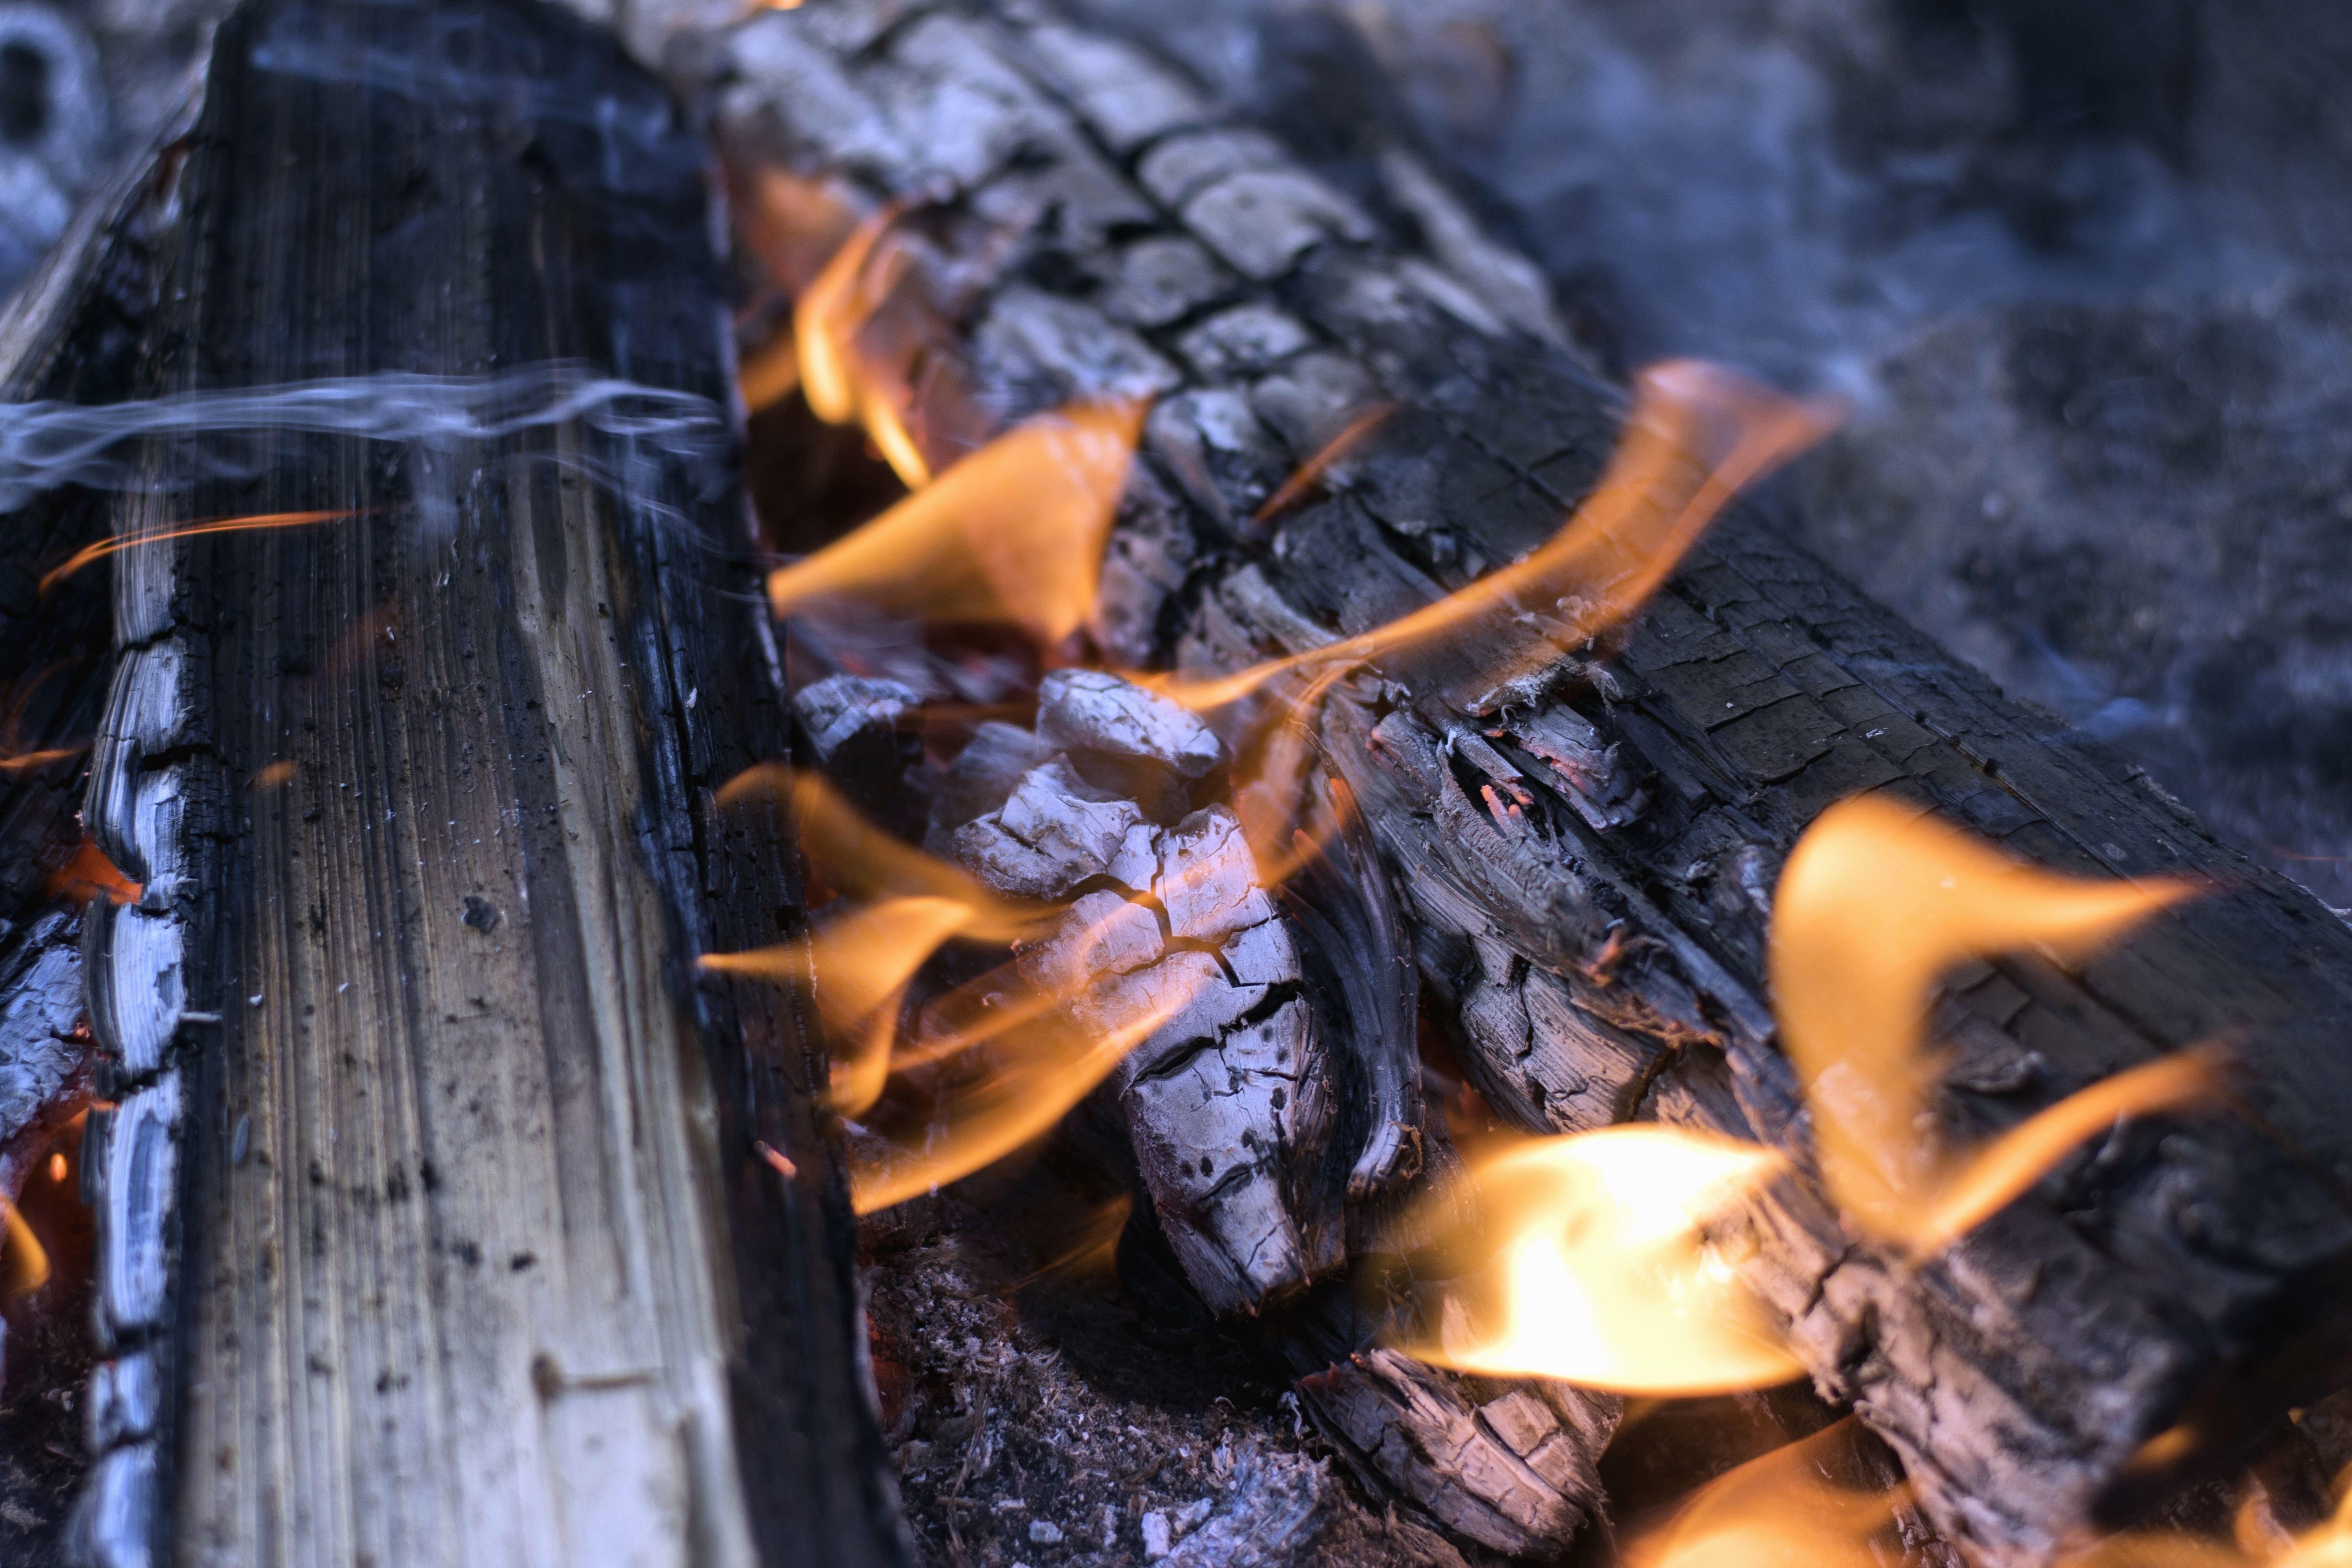 Kostenlose Bild: Temperatur, Heizung, Brennen, Holz, Feuer, heiß